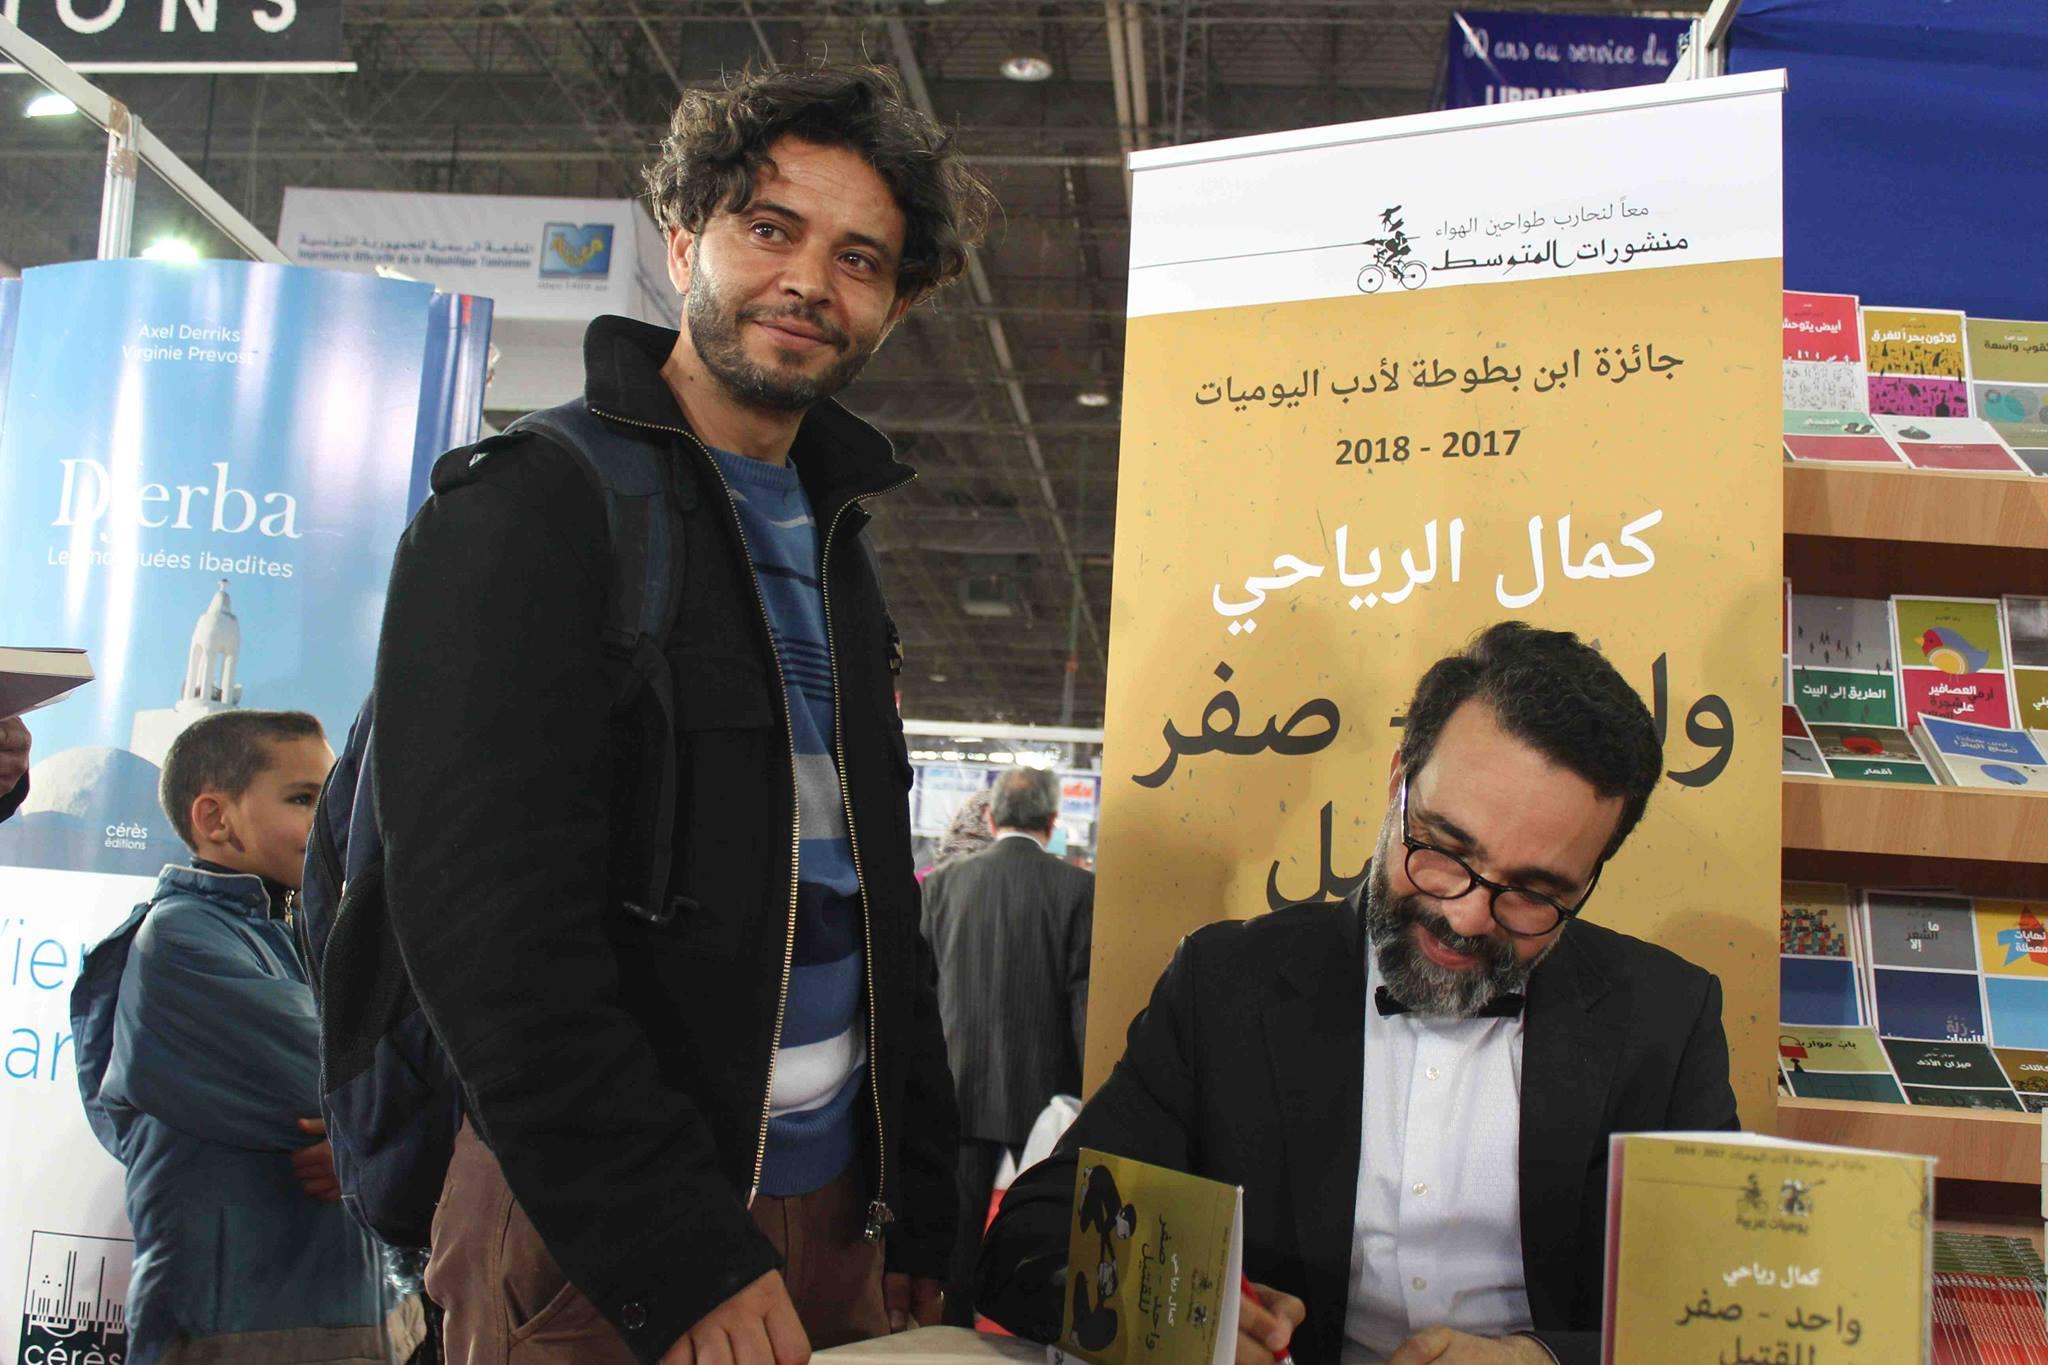 كمال الرياحى يوقع كتابه واحد صفر للقتيل الفائز بجائزة ابن بطوطة فى معرض تونس (9)